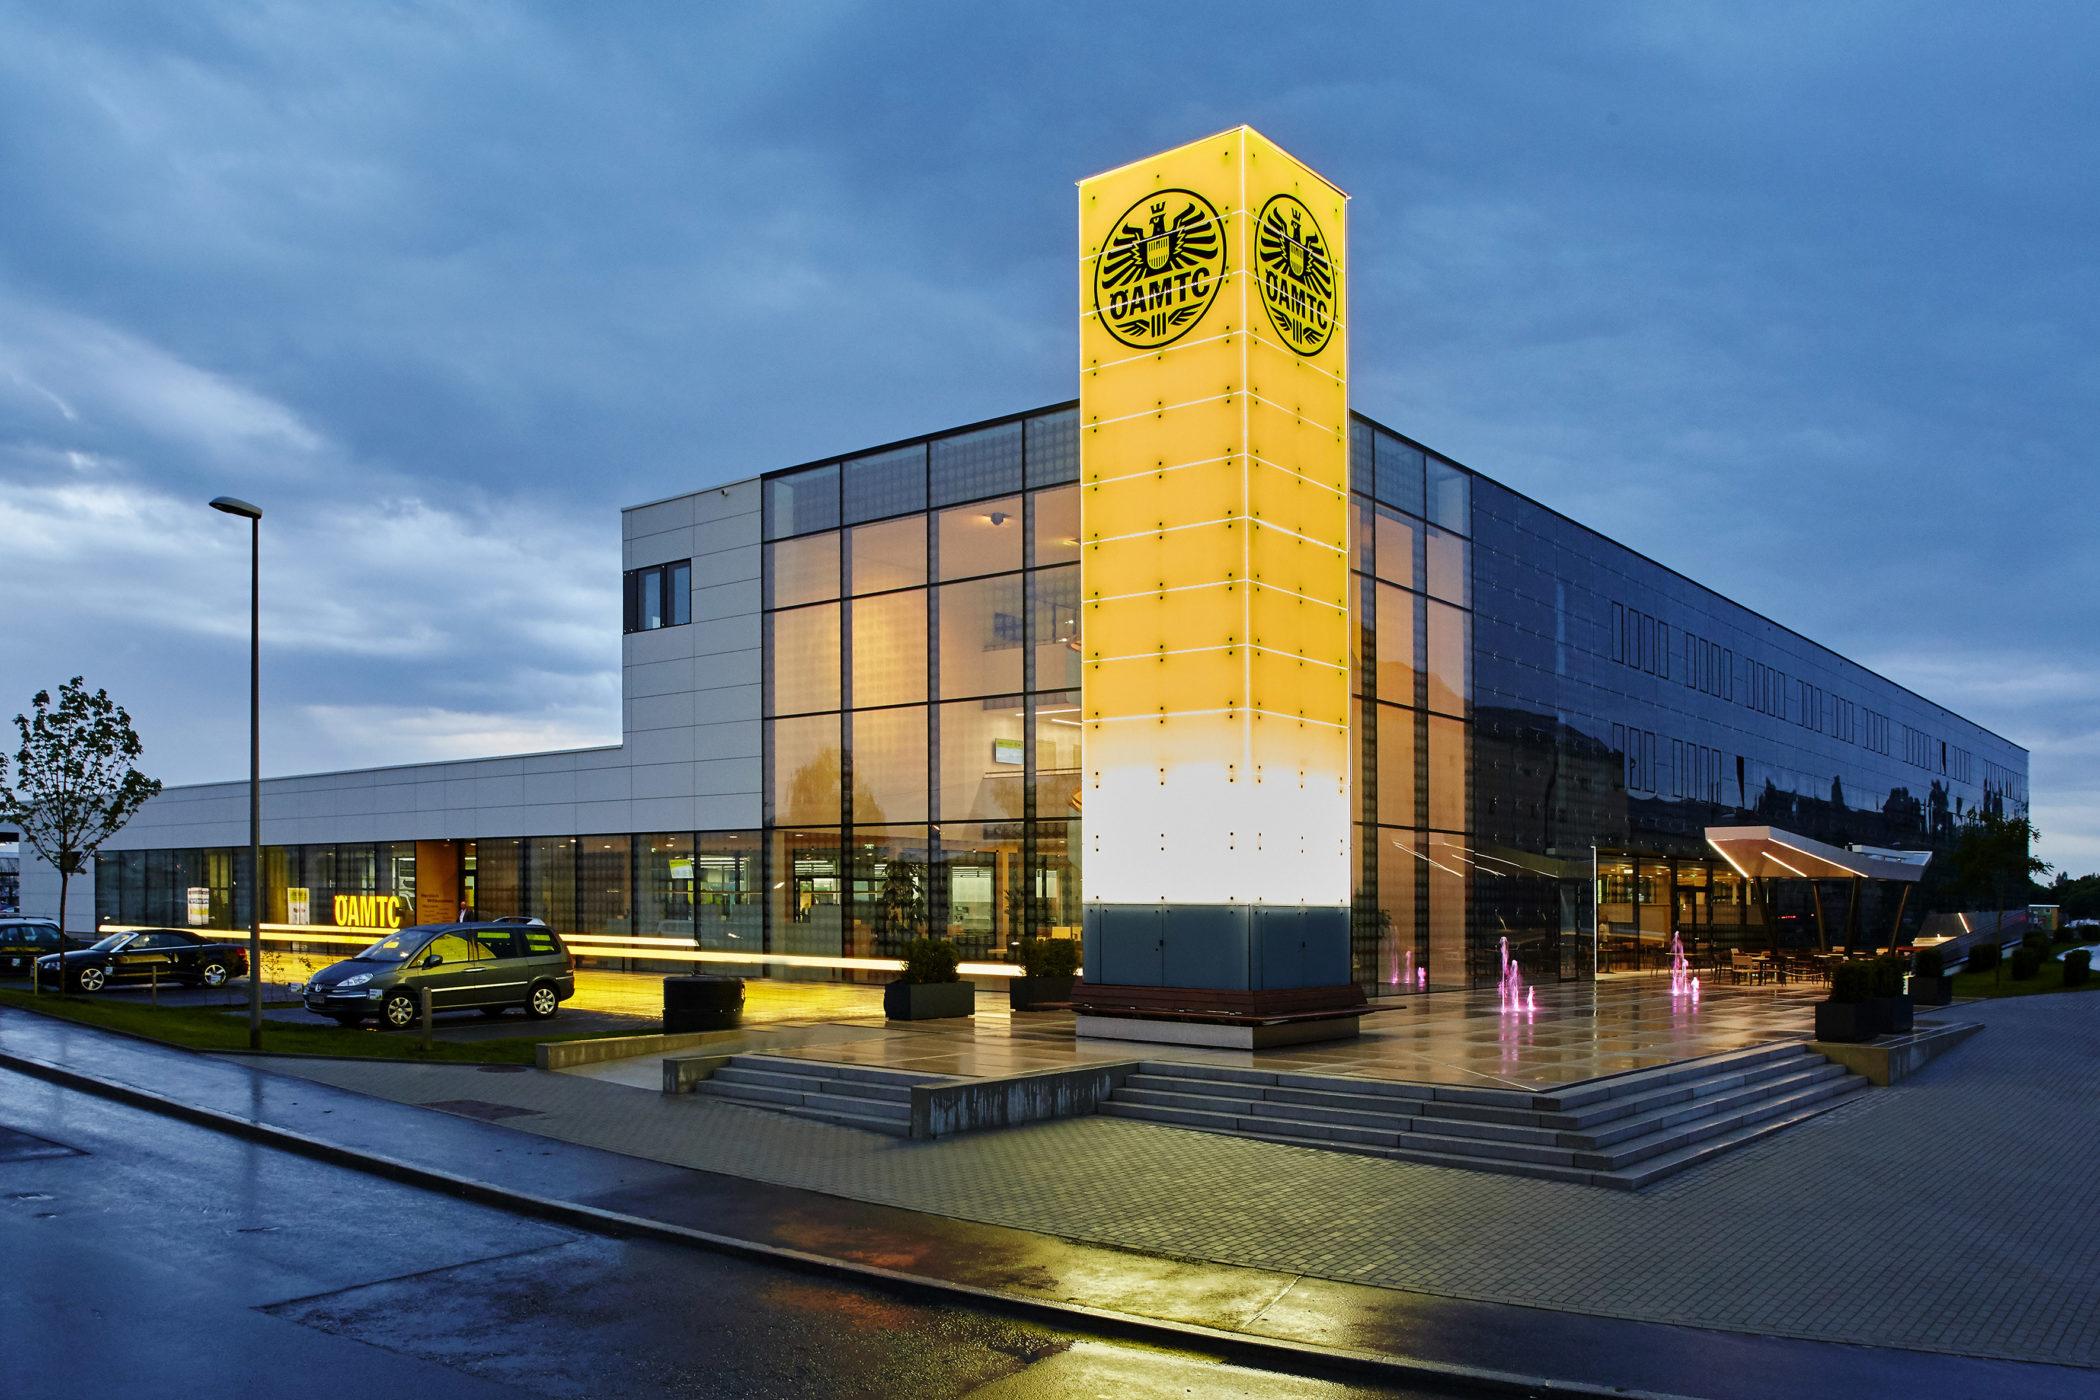 ÖAMTC Graz, Architektur, Gebäude,